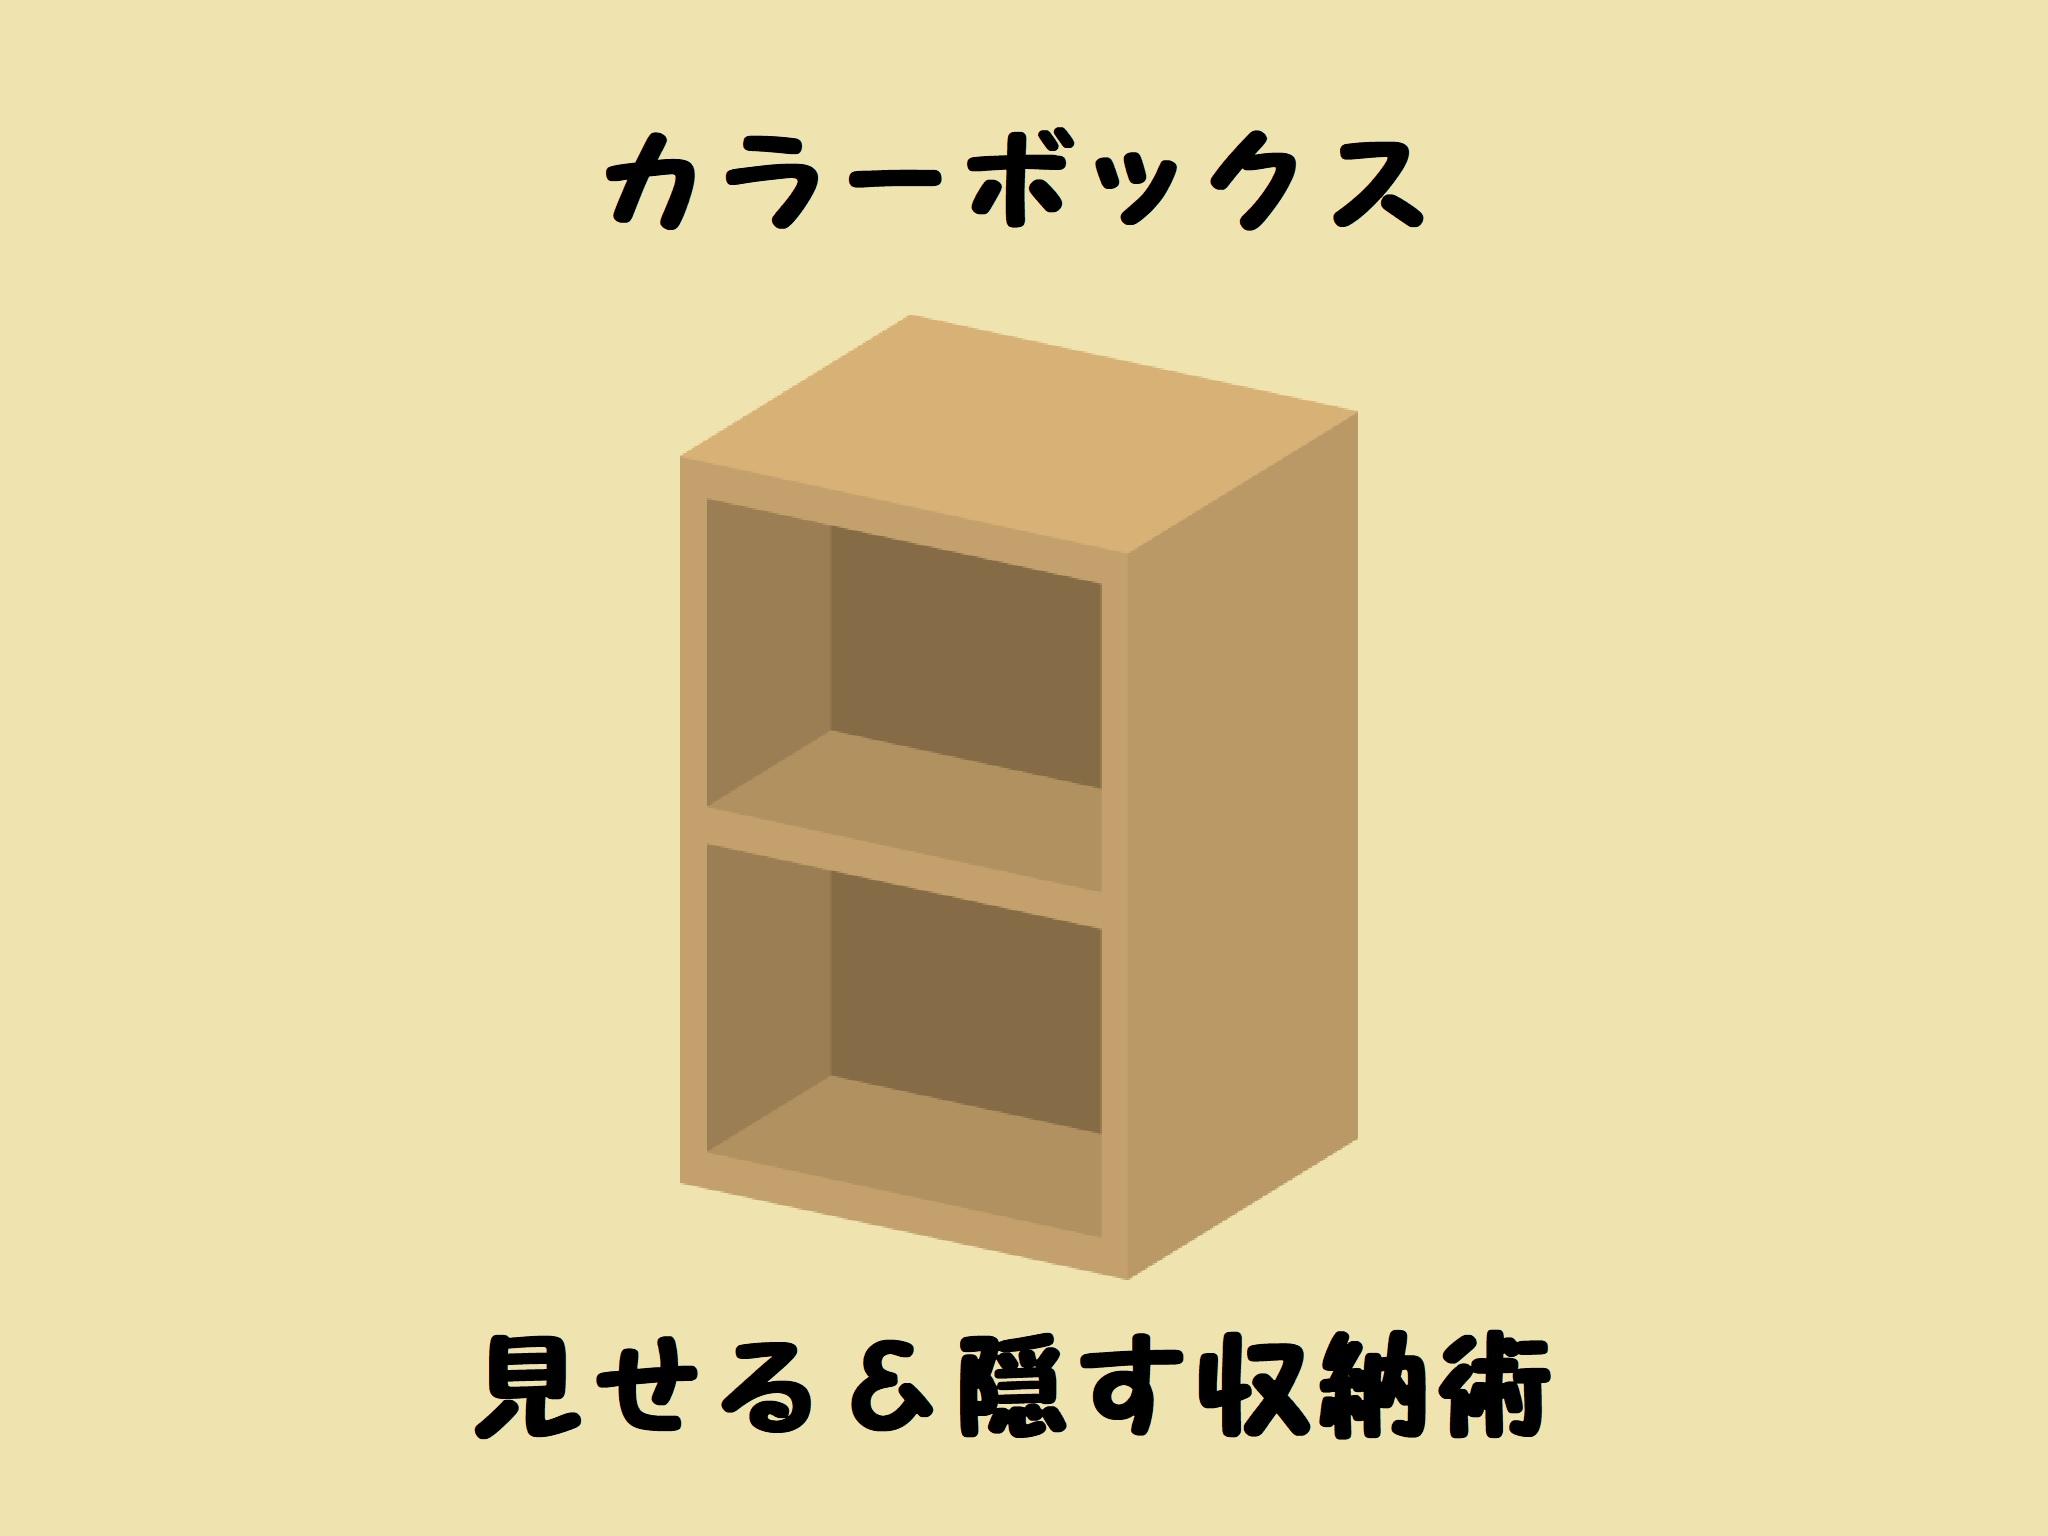 【棚整理】カラーボックスできれいな部屋を保つ方法で家事時短!